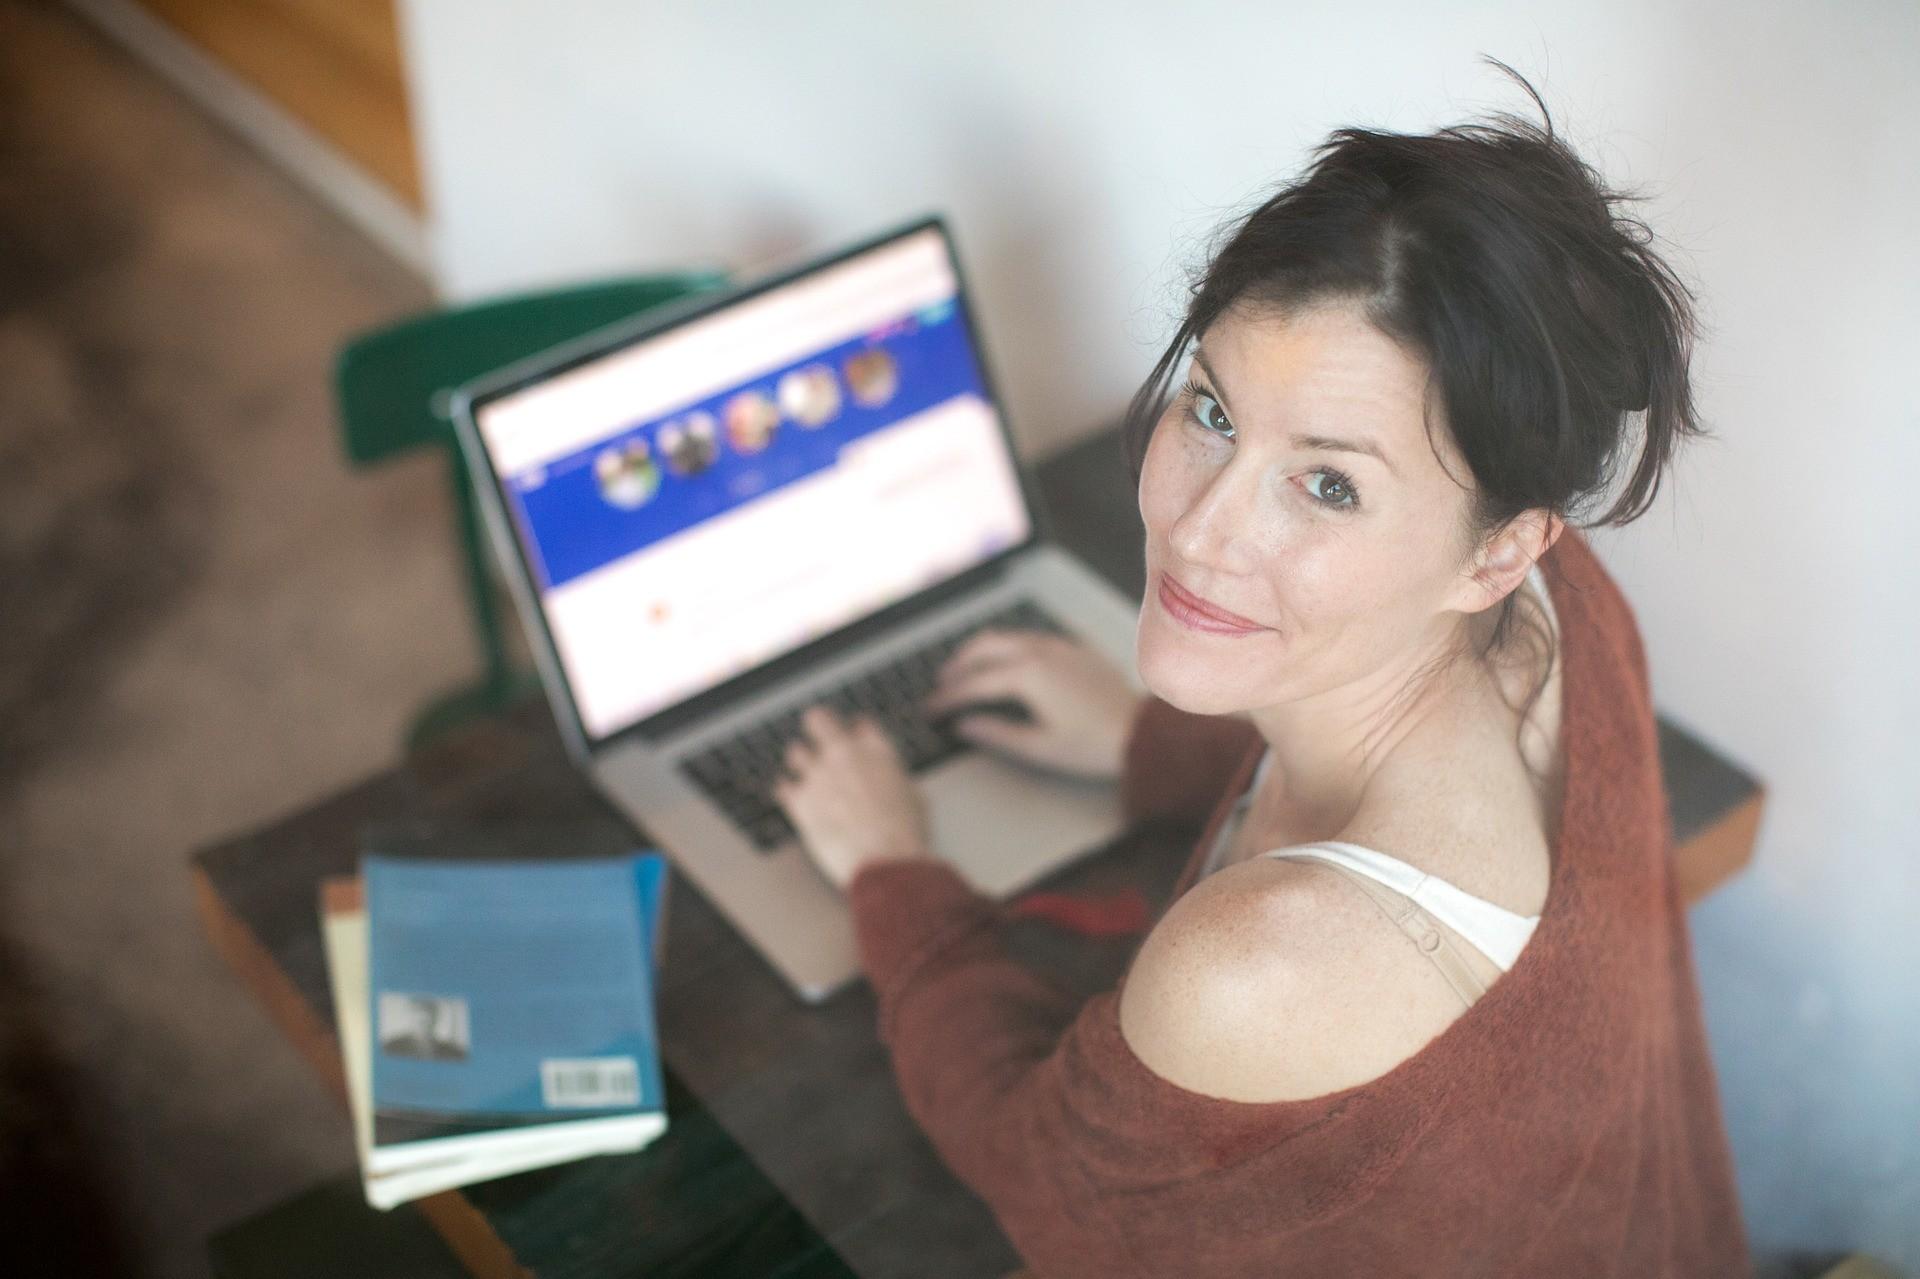 11 работающих способов найти в Интернете серьезные отношения